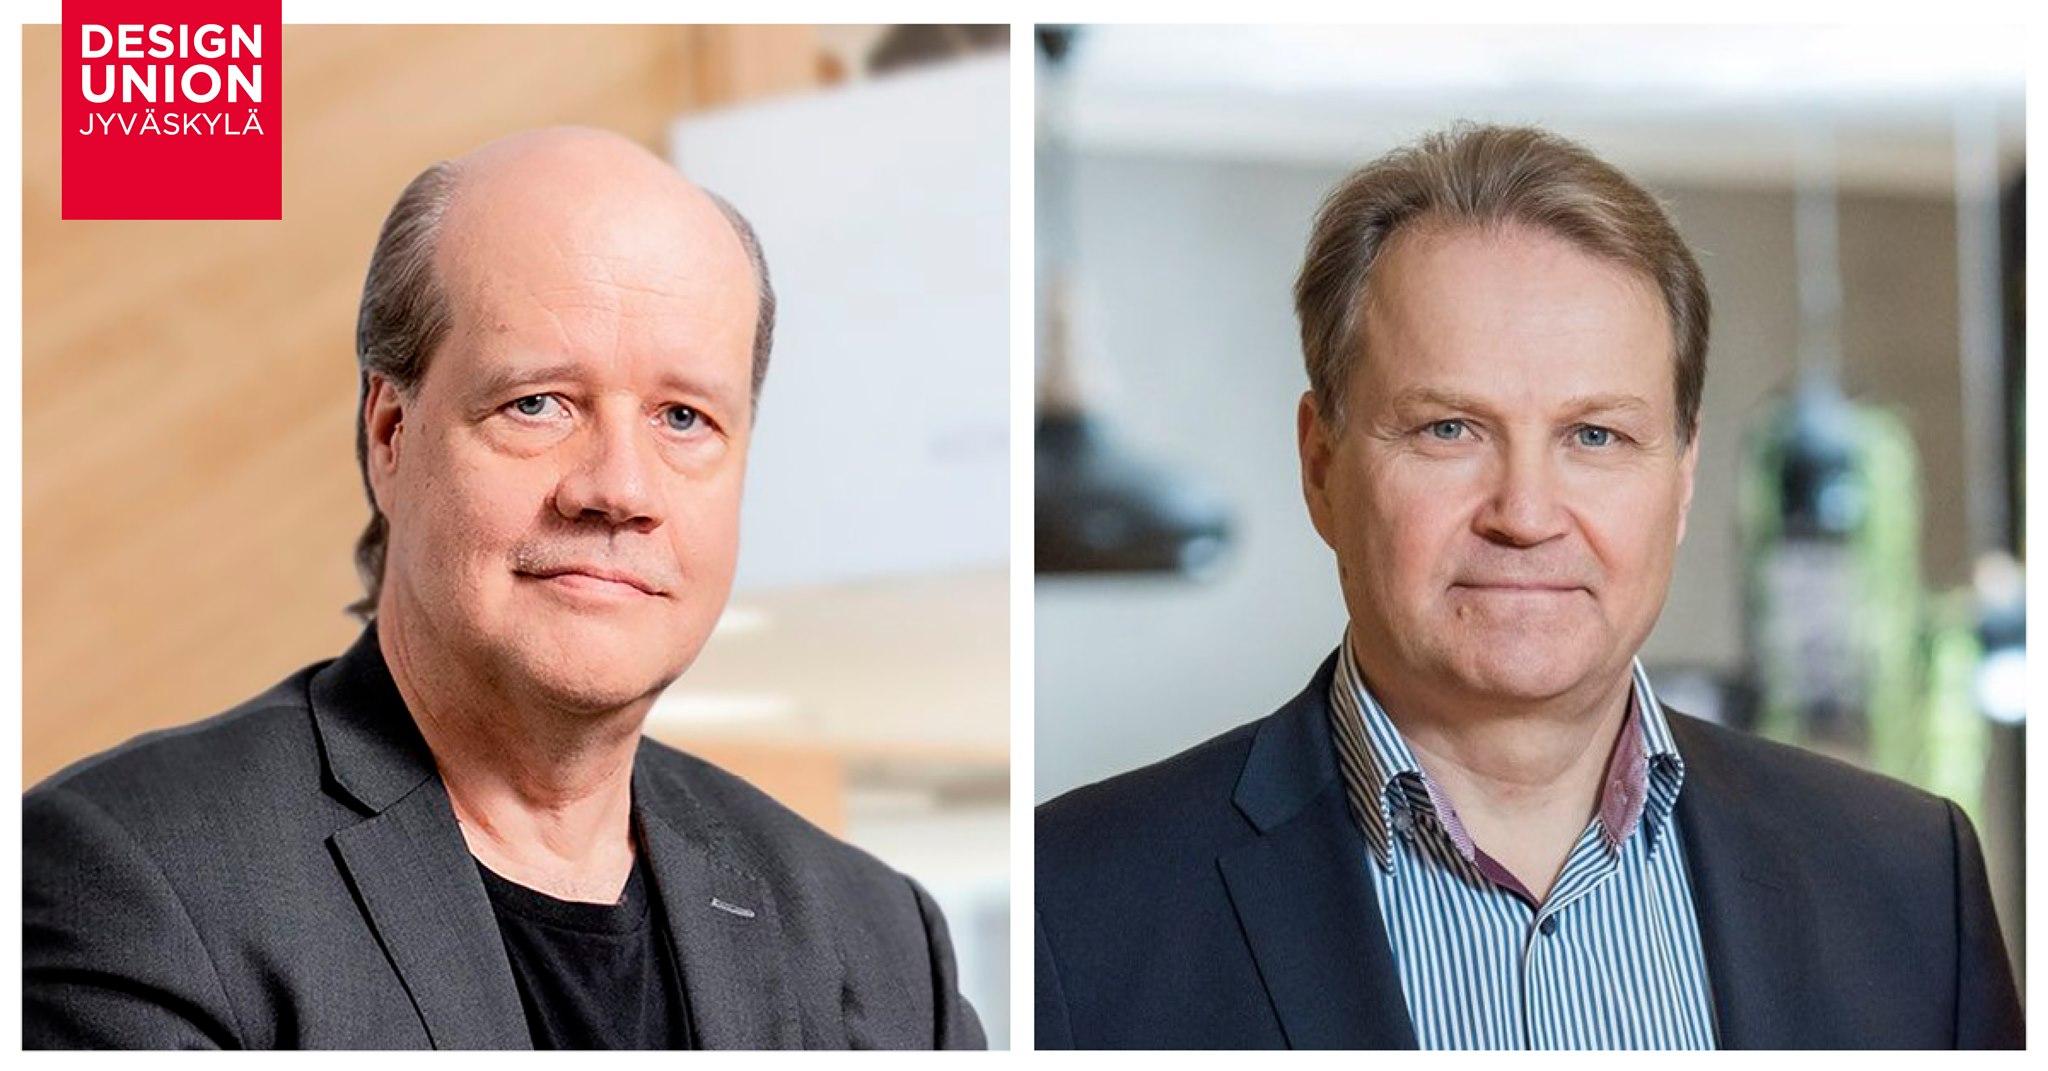 Design Union Jyväskylä: Bisnesmuotoilu hotelliliiketoiminnan edistäjänä